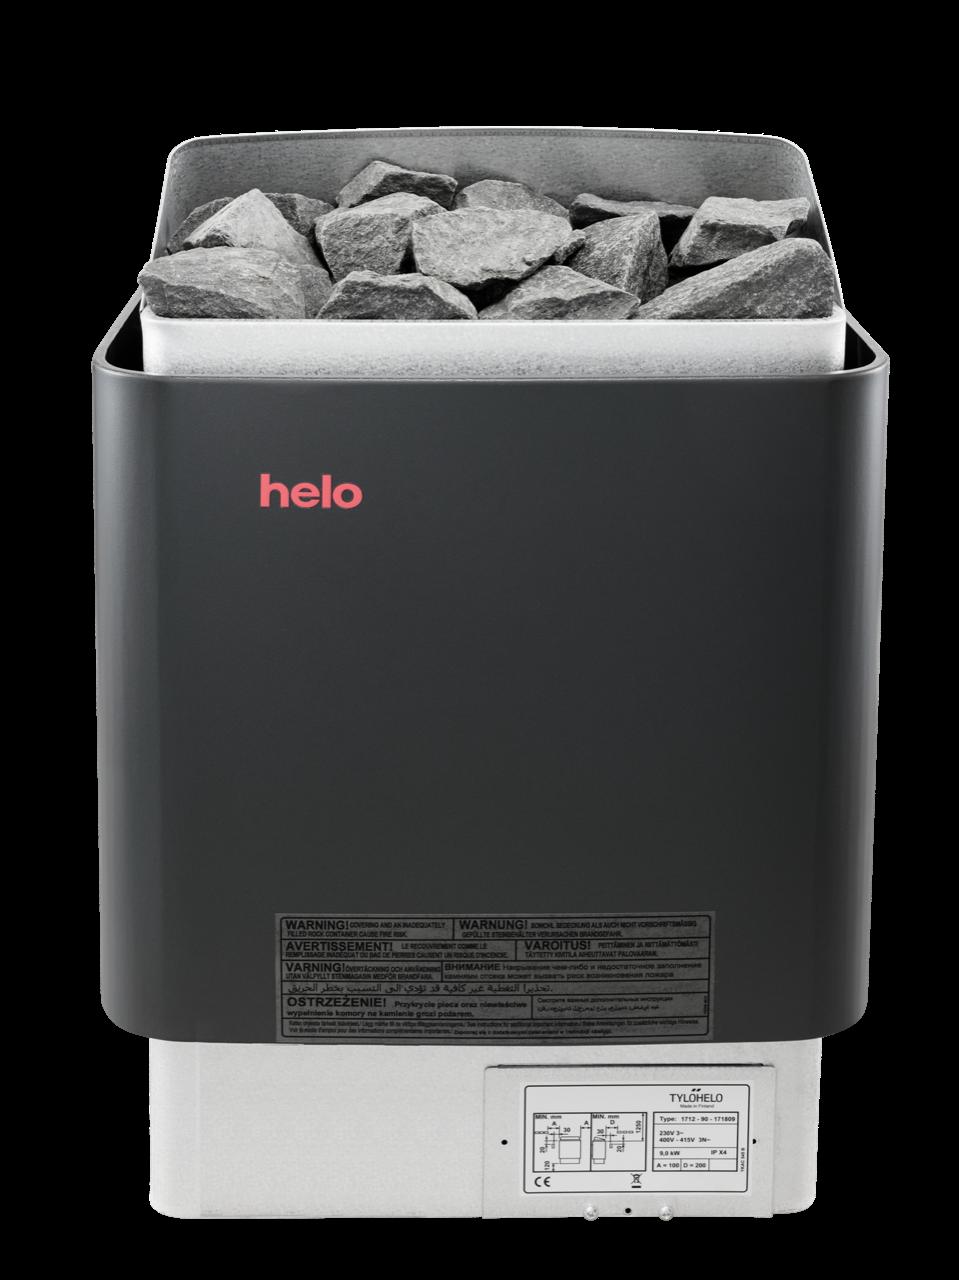 Afbeelding van Helo CUP 90D saunakachel 9 kW (externe besturing)